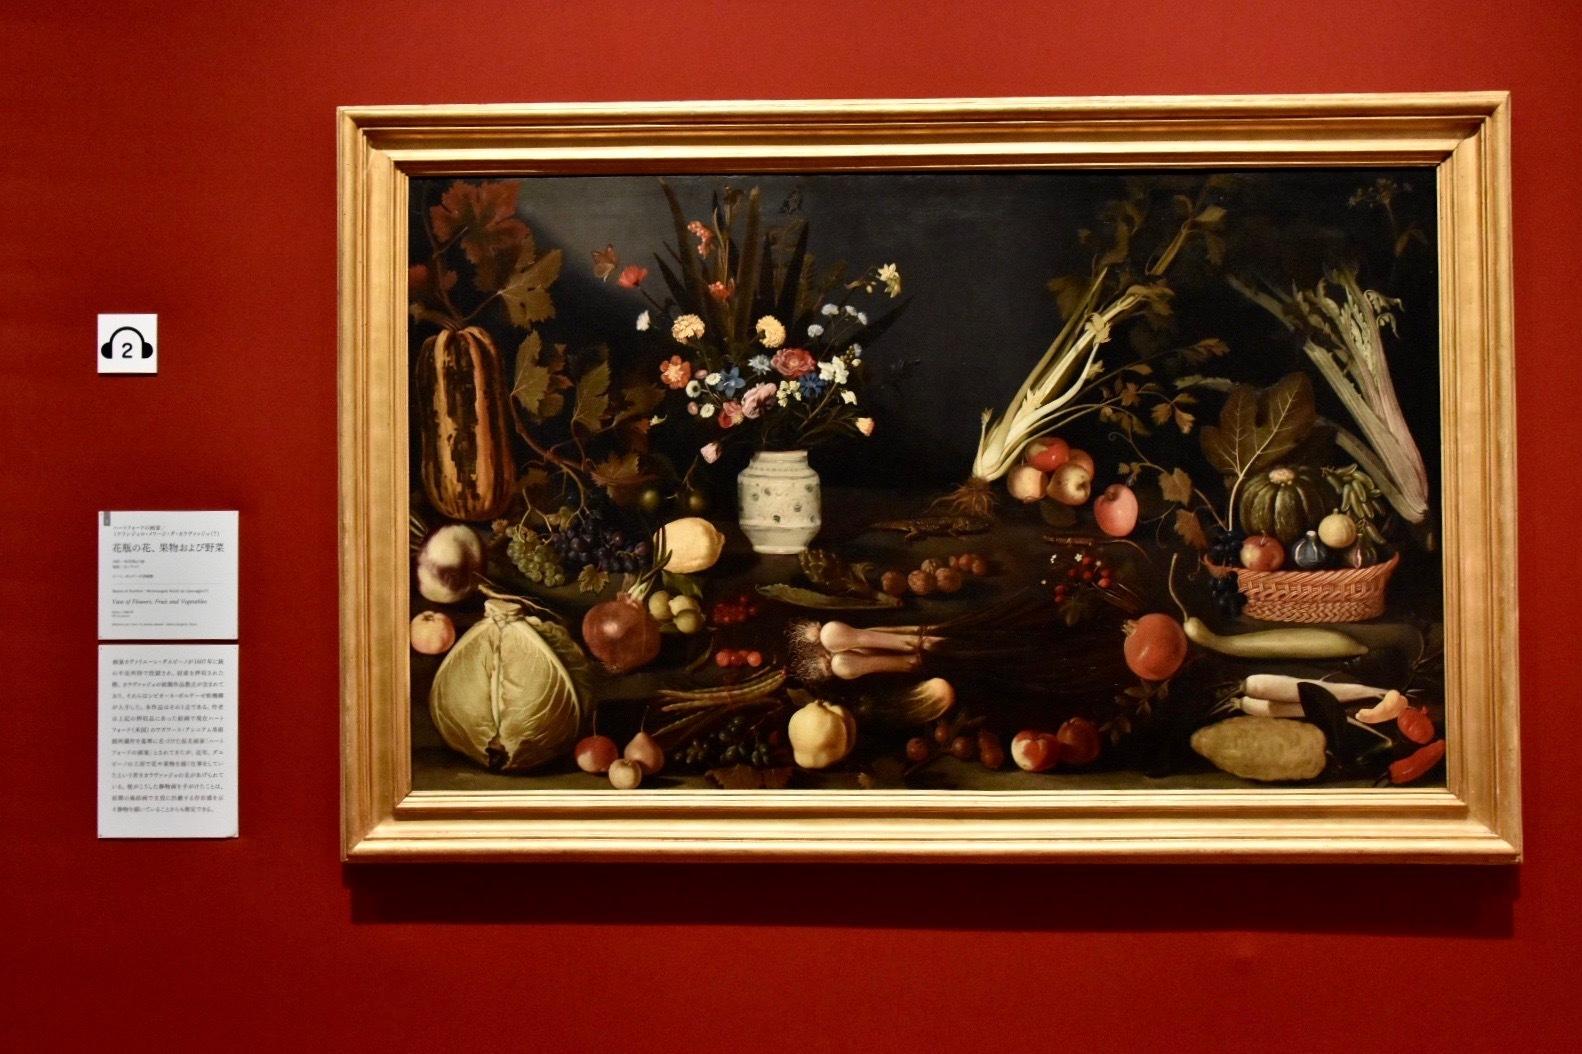 ハートフォードの画家/ミケランジェロ・メリージ・ダ・カラヴァッジョ(?)《花瓶の花、果物および野菜》1605-06年頃より前(ボルゲーゼ美術館蔵)